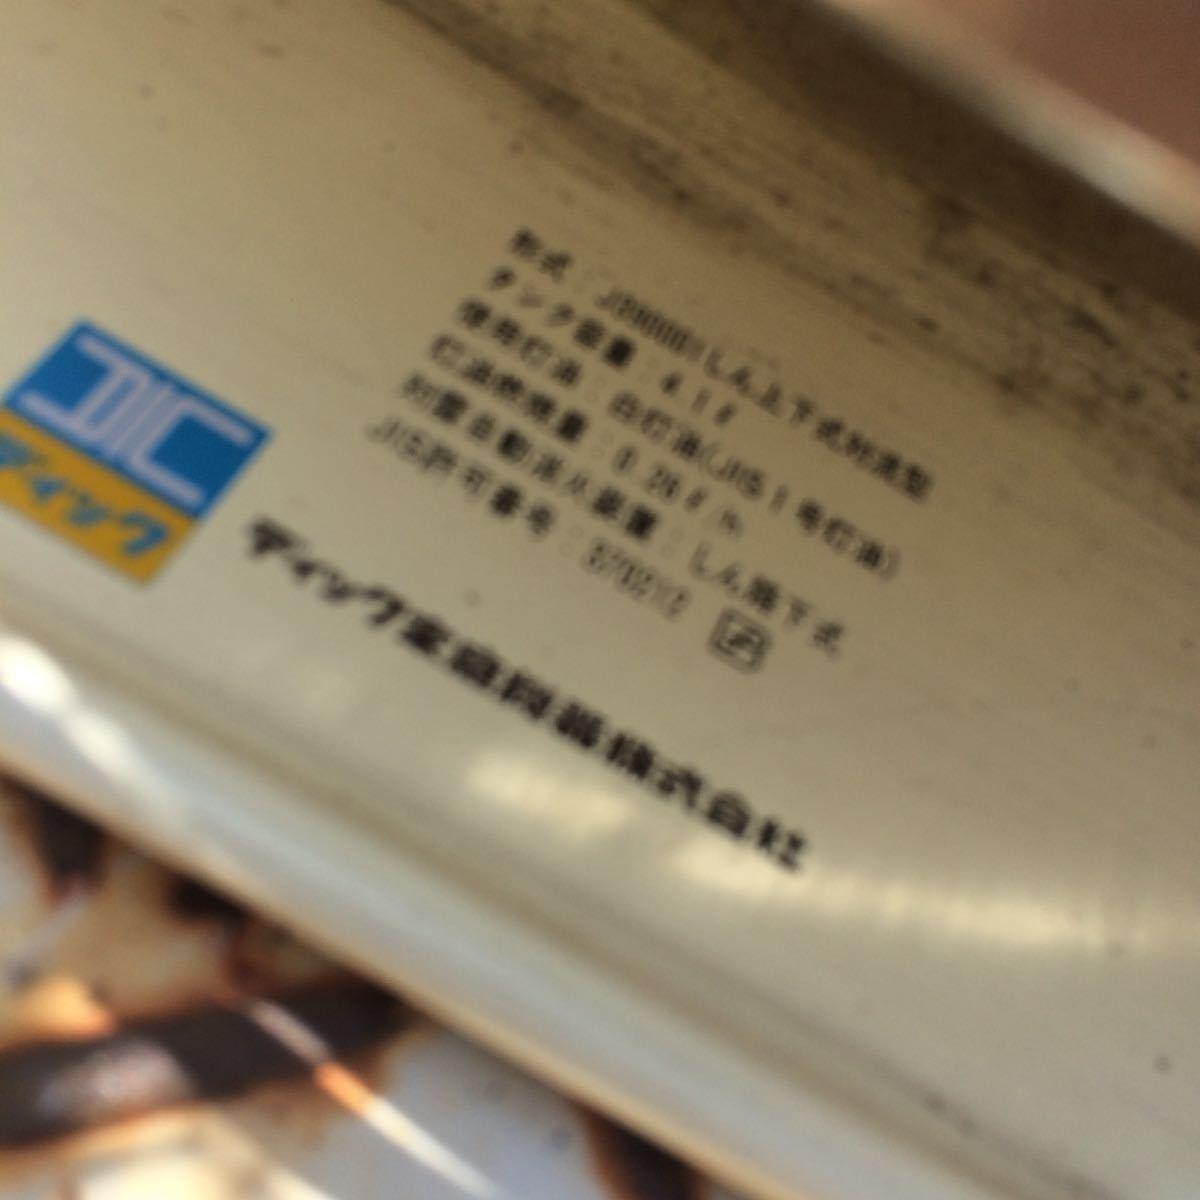 Aladdin アラジン 石油ストーブ J390001 上下式対流型 昭和レトロ アンティーク4.1L【ジャンク品】_画像7